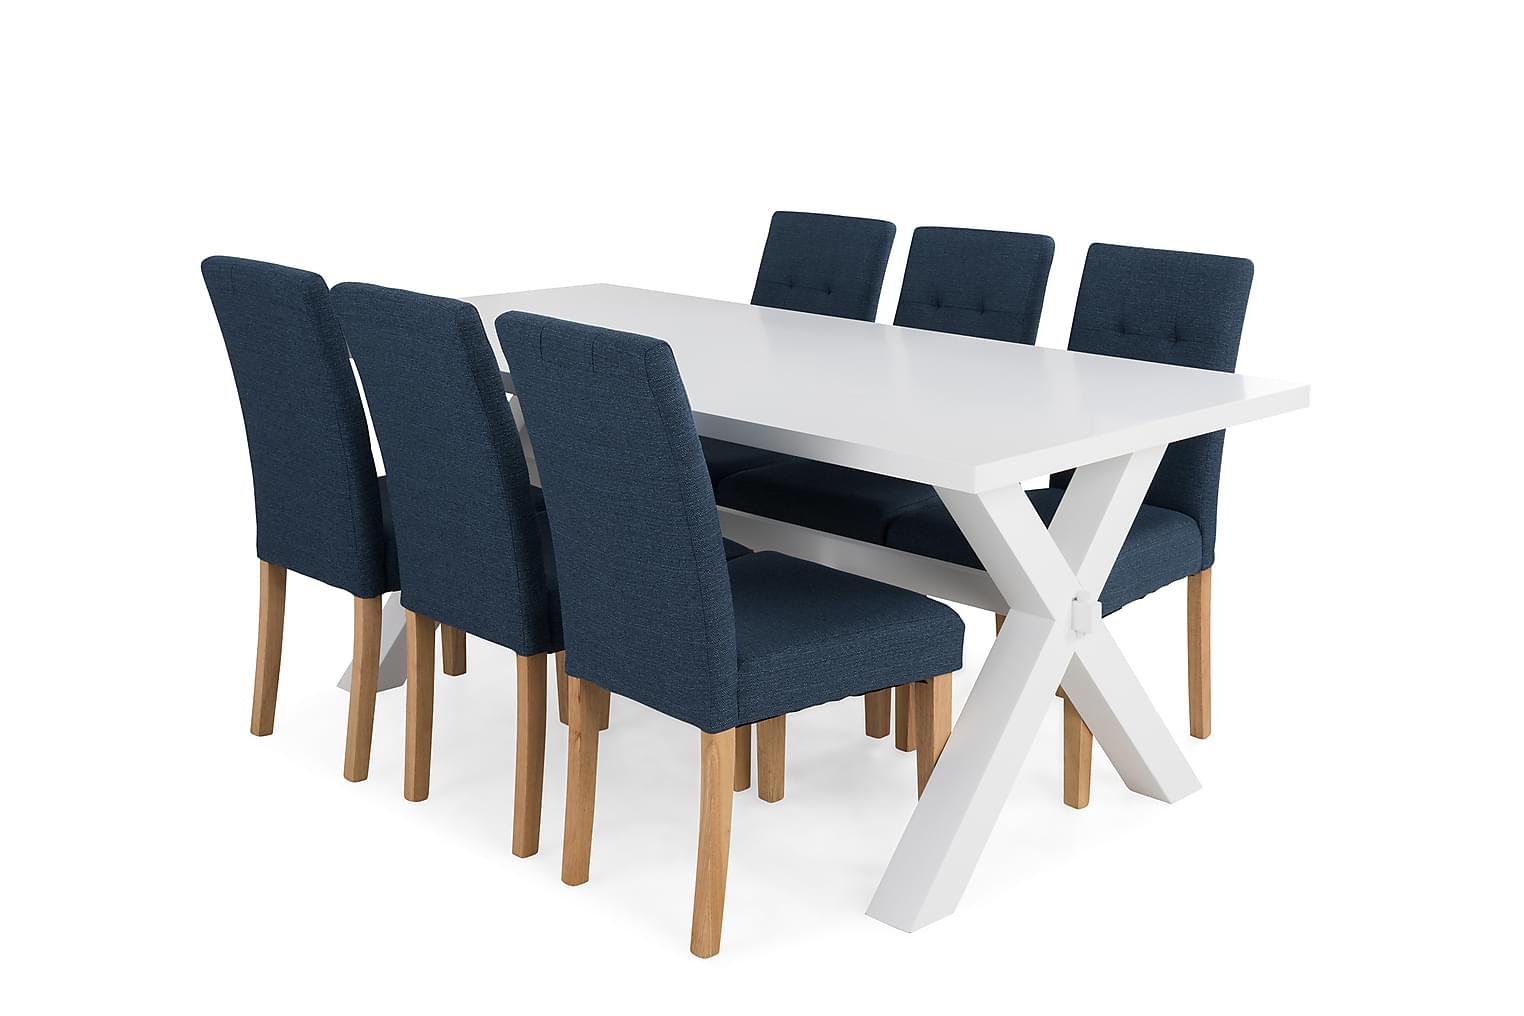 FRESNO Pöytä + 6 STILO Tuoli Valkoinen/Sininen/Tammi